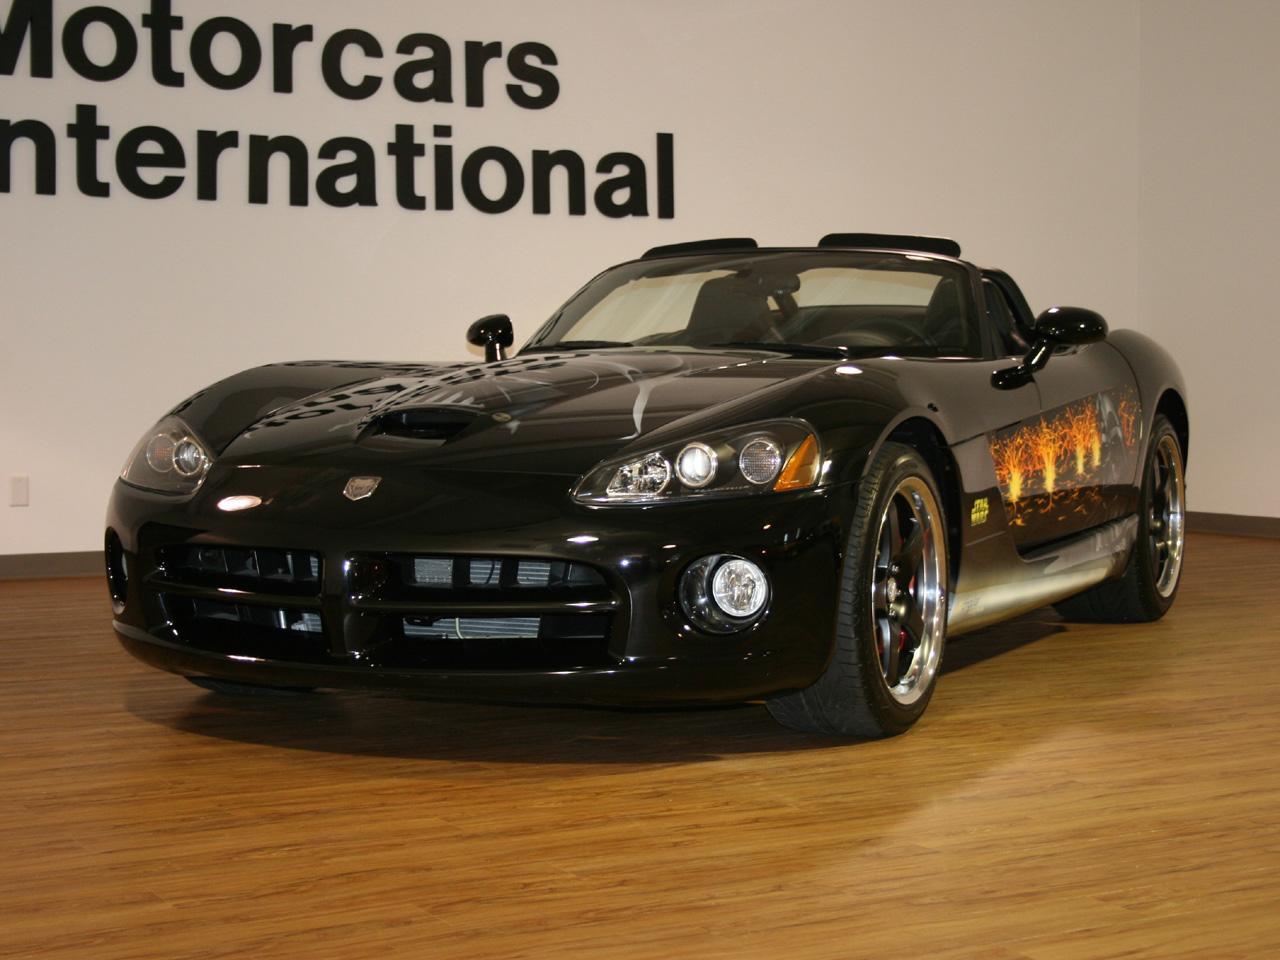 2005 dodge viper srt 10 roadster. Black Bedroom Furniture Sets. Home Design Ideas